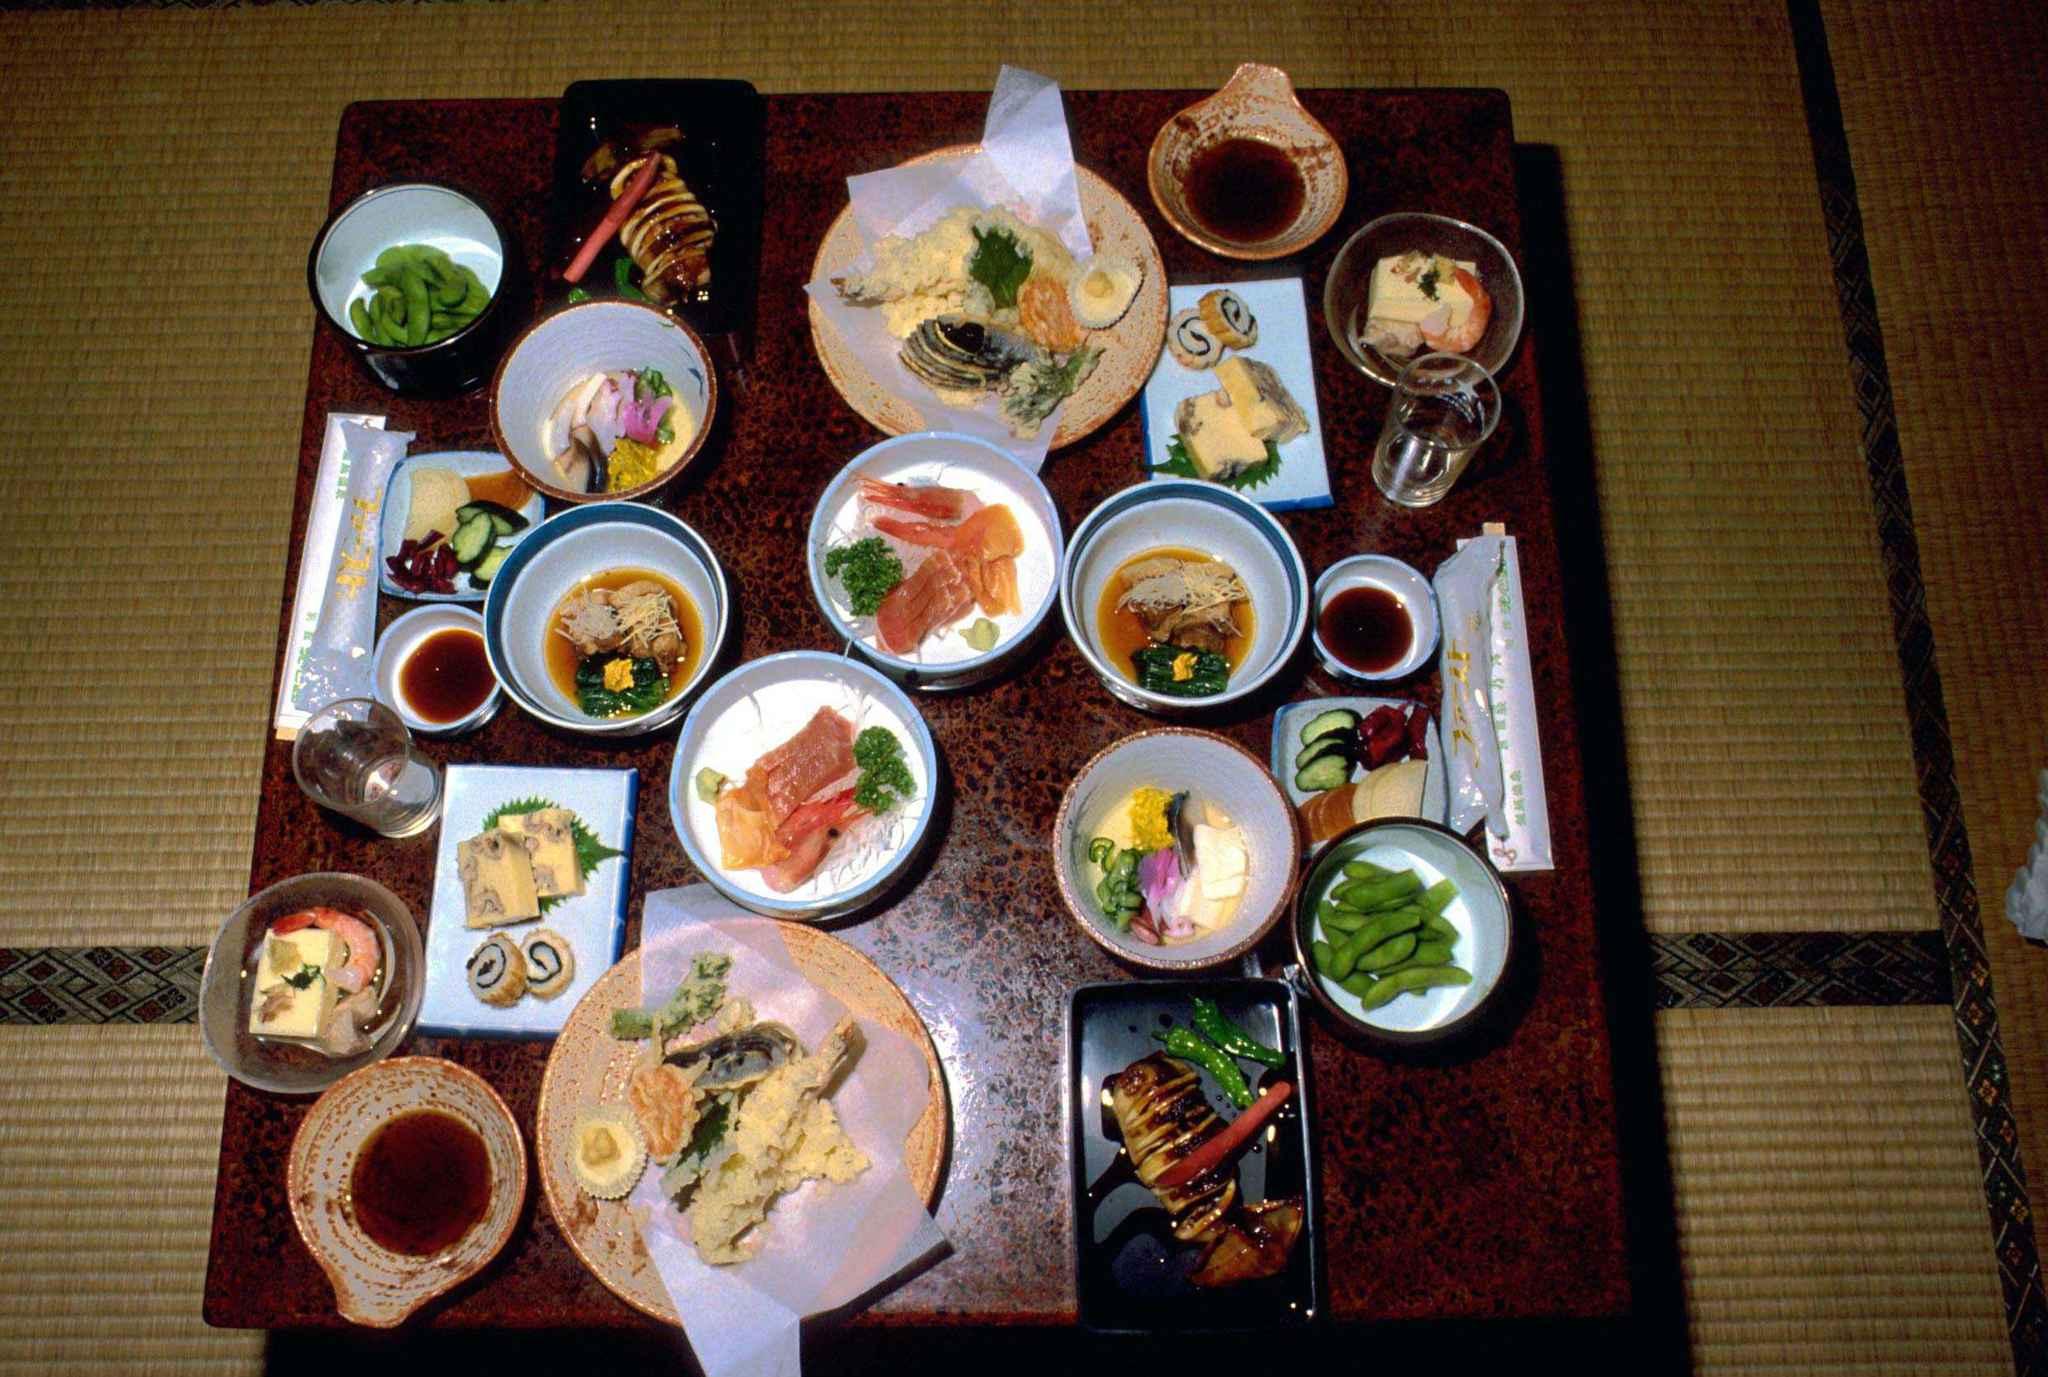 Ce Qui Est Mal Vu Au Restaurant Au Japon